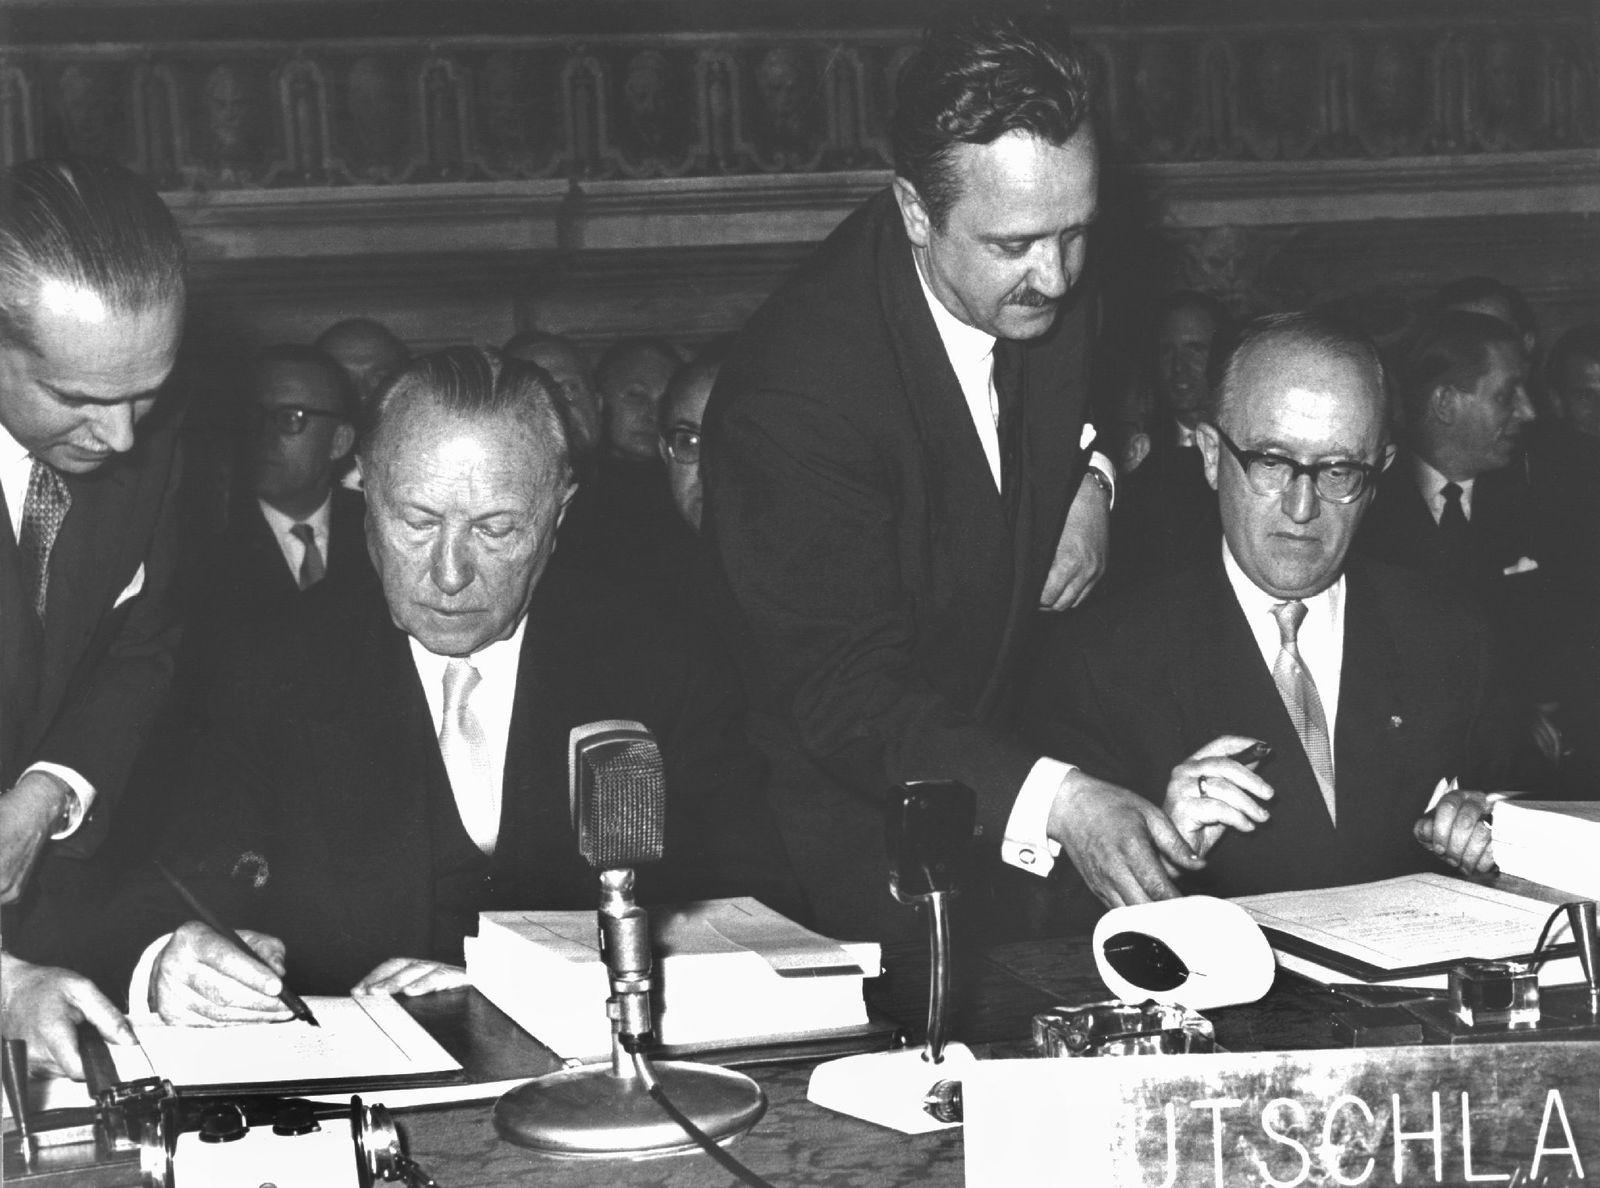 Unterzeichnung der Römischen Verträge 1957 in Rom